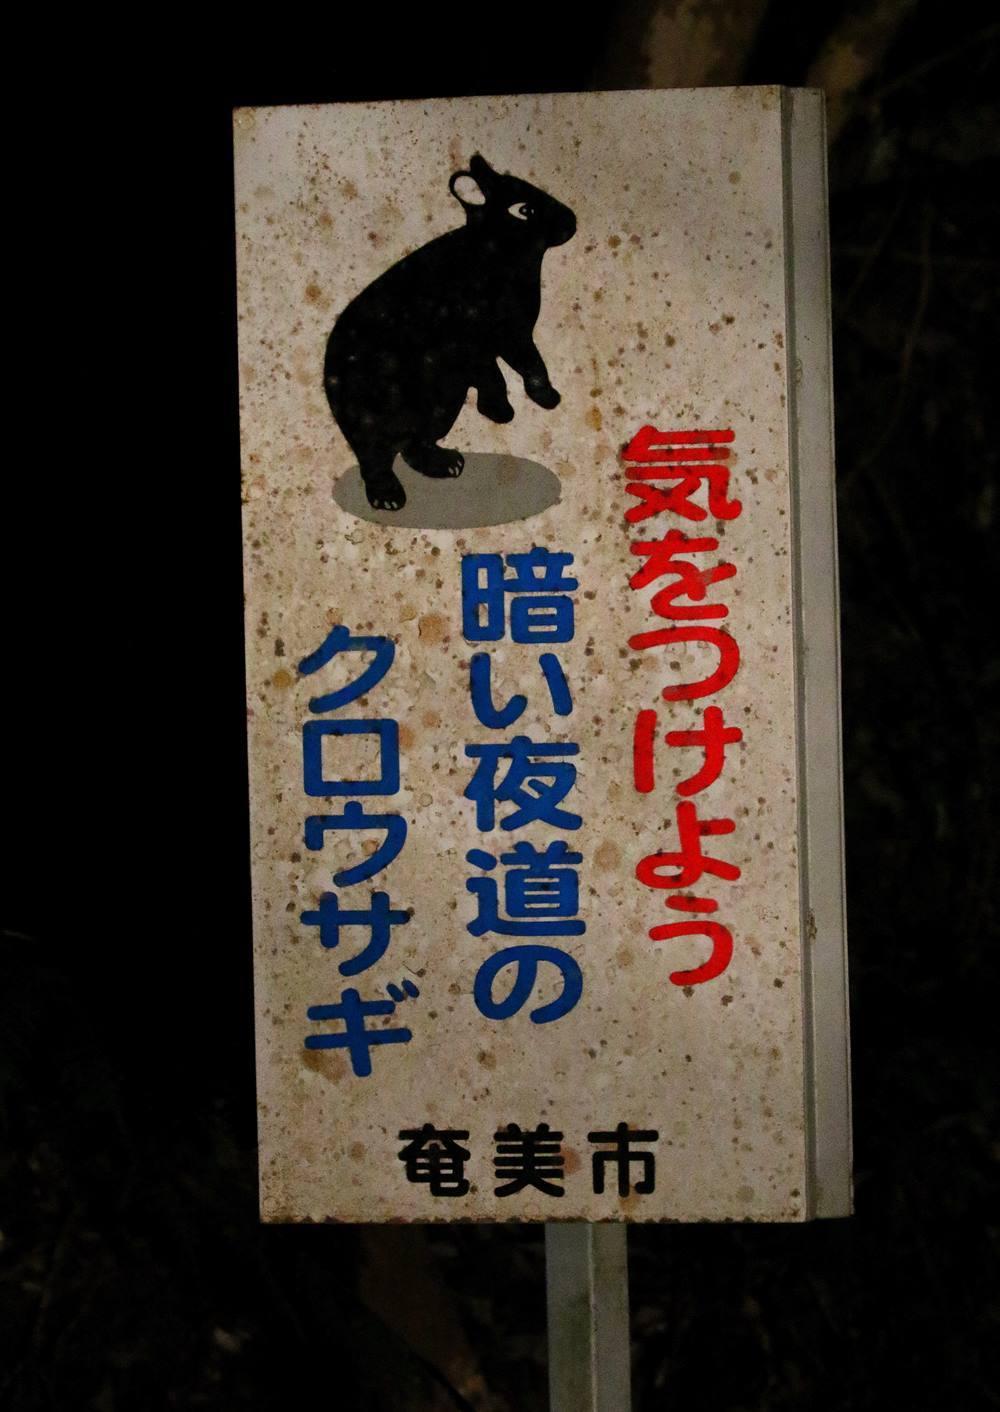 初めての奄美大島遠征(その4)・・・_c0213607_20031117.jpg